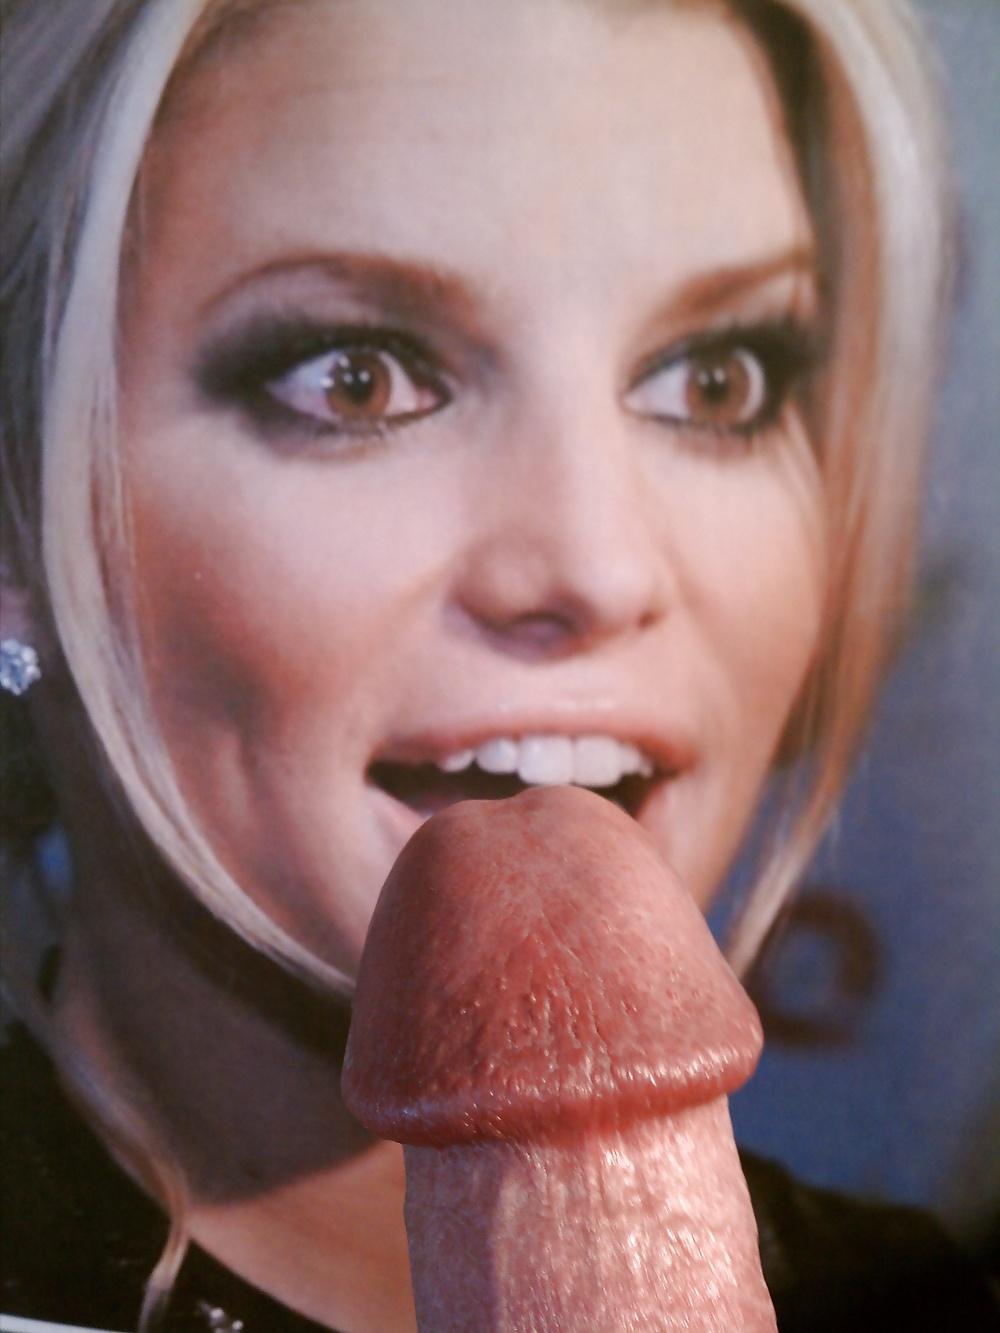 Jessica simpson look alike pornhub